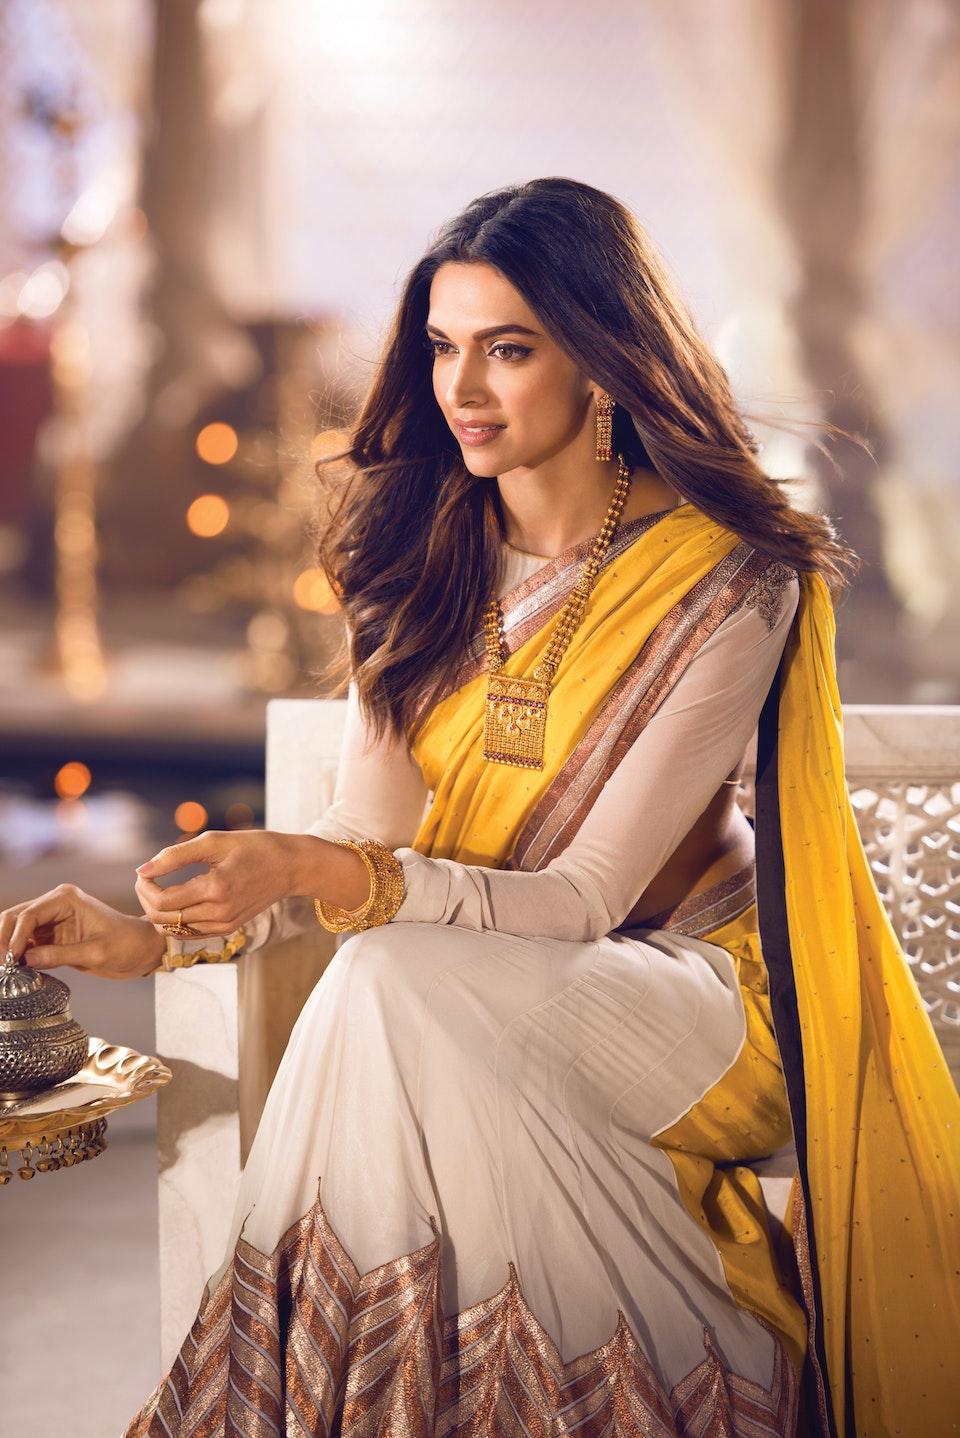 Tanishq - Deepika